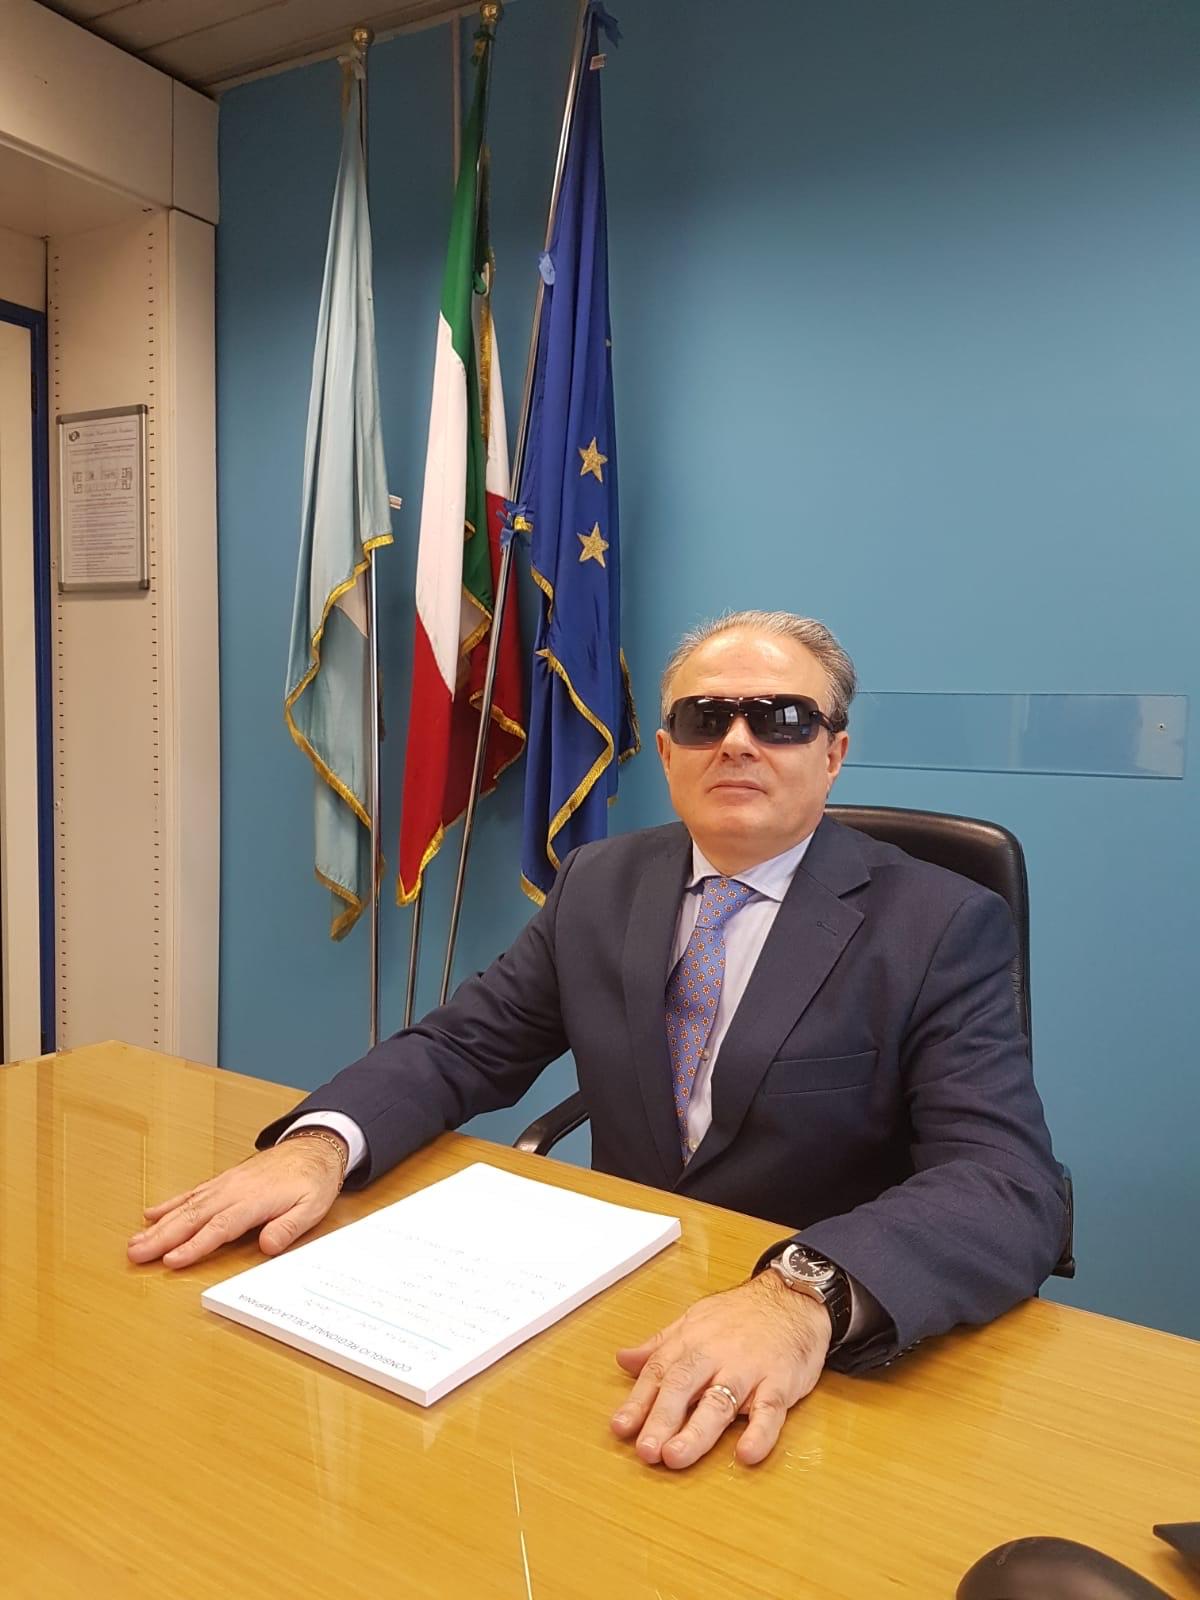 foto del Garante delle persone con disabilità della Regione Campania, avv. Paolo Colombo